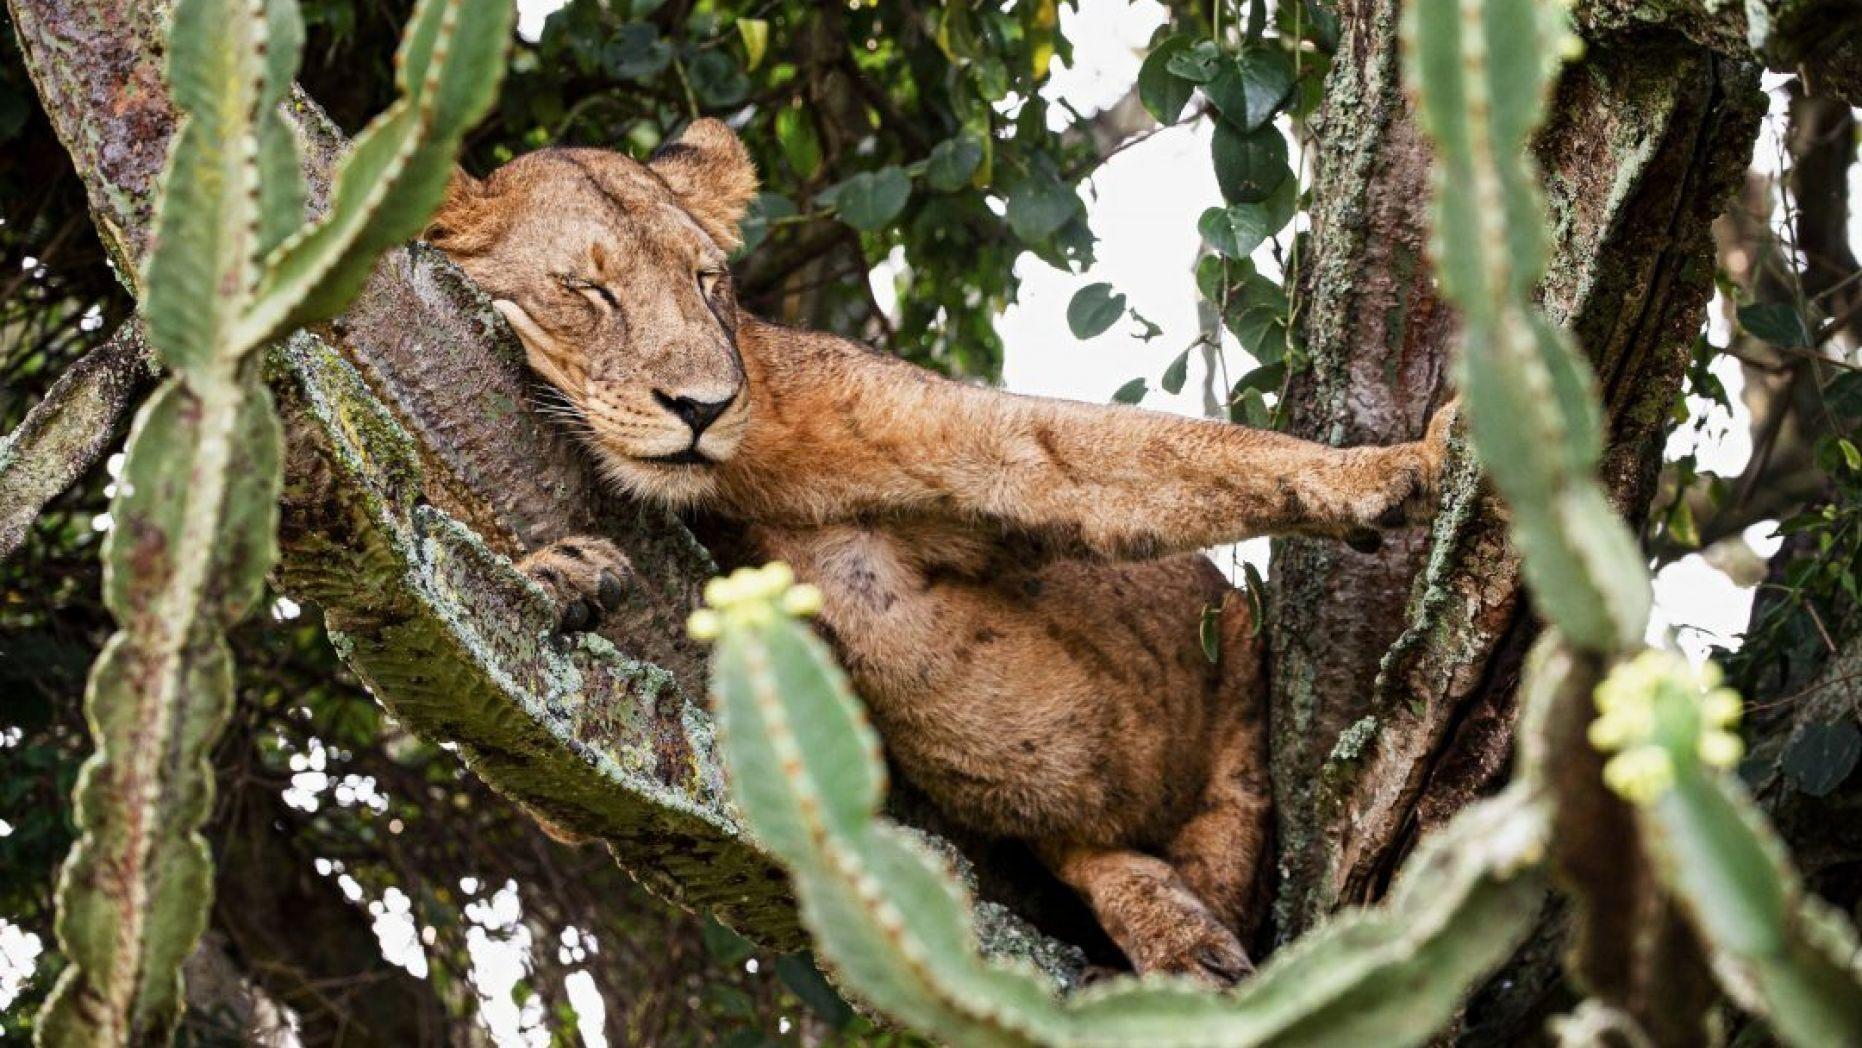 Bất ngờ trước khoảnh khắc sư tử 'ngủ nướng vắt vẻo' trên cây đầy mủ độc